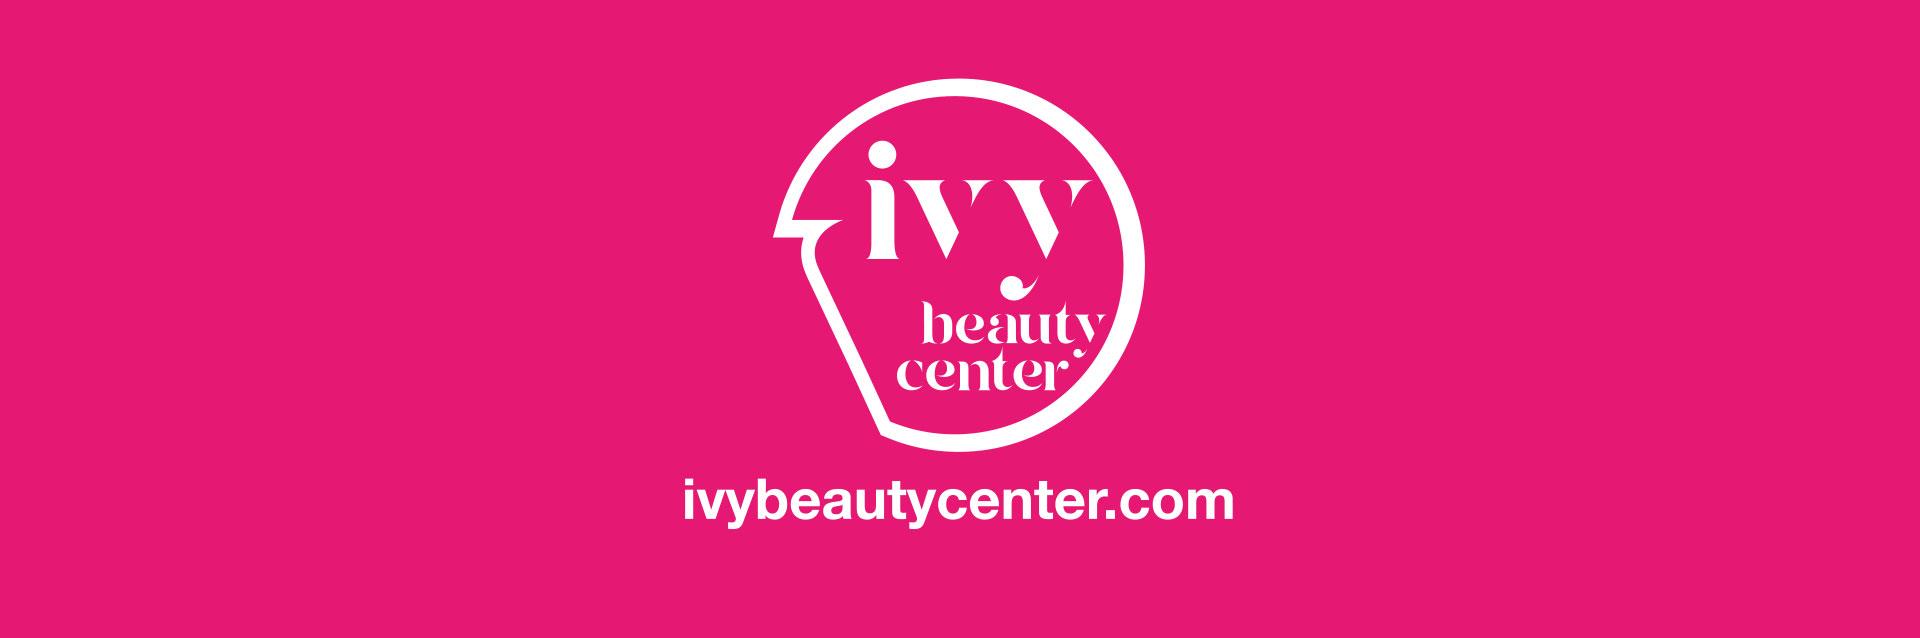 ivy beauty center